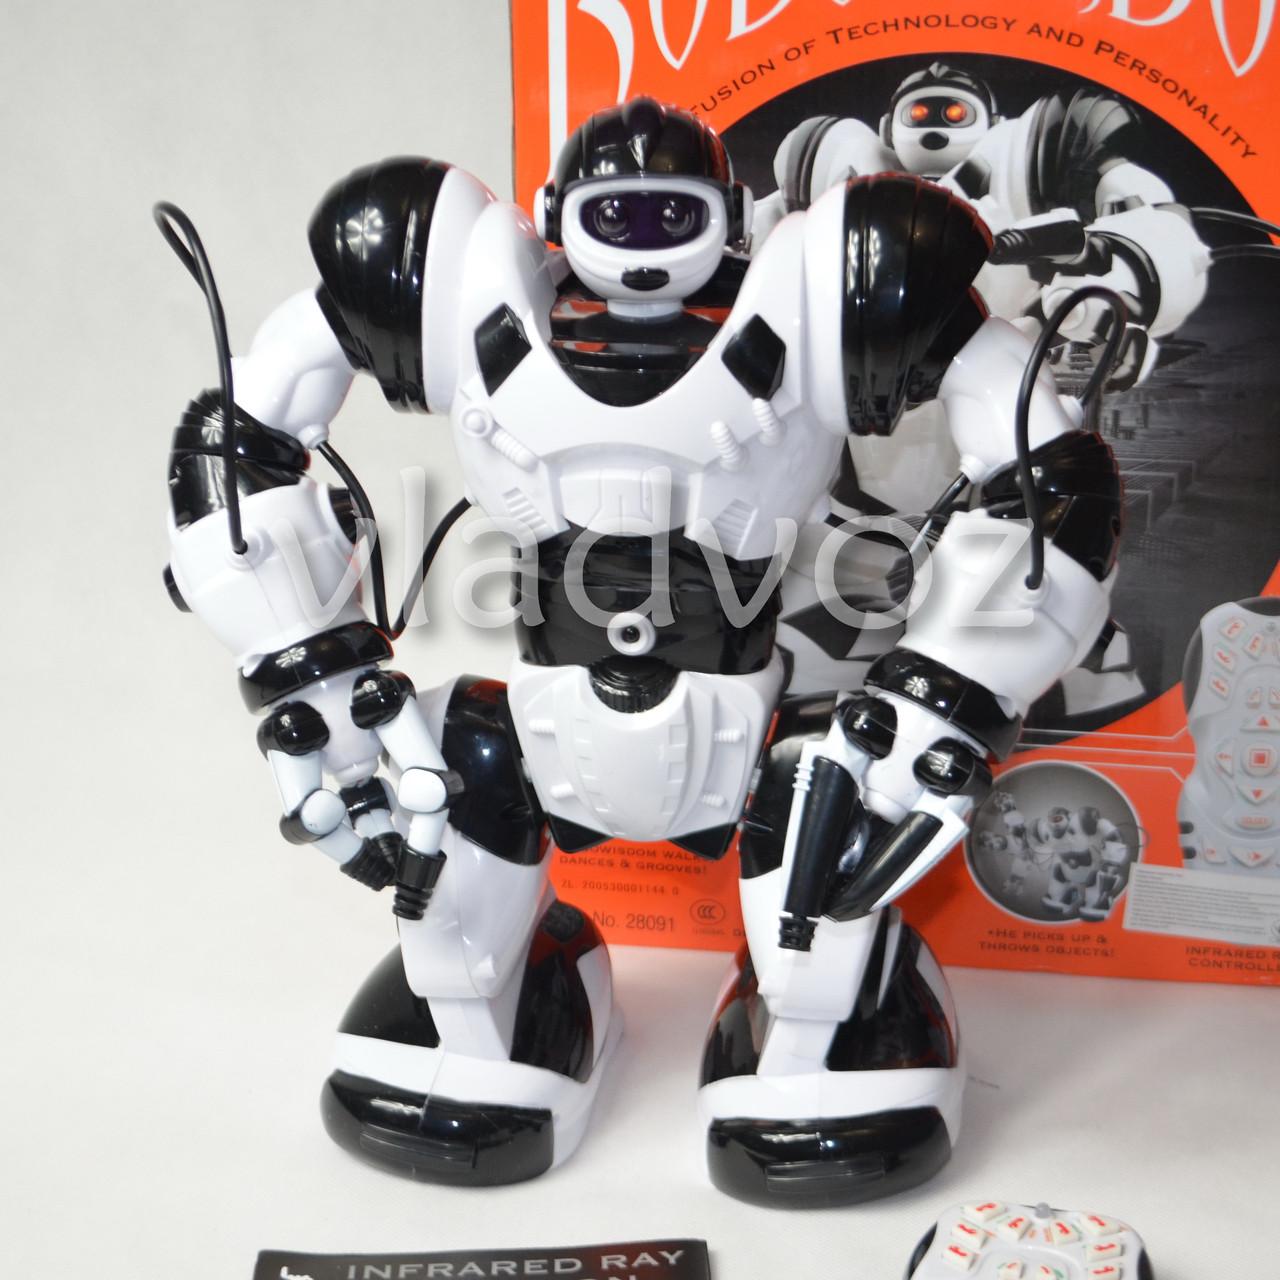 Робот на пульте управления радиоуправляемая игрушка Robowisdom белый с черным